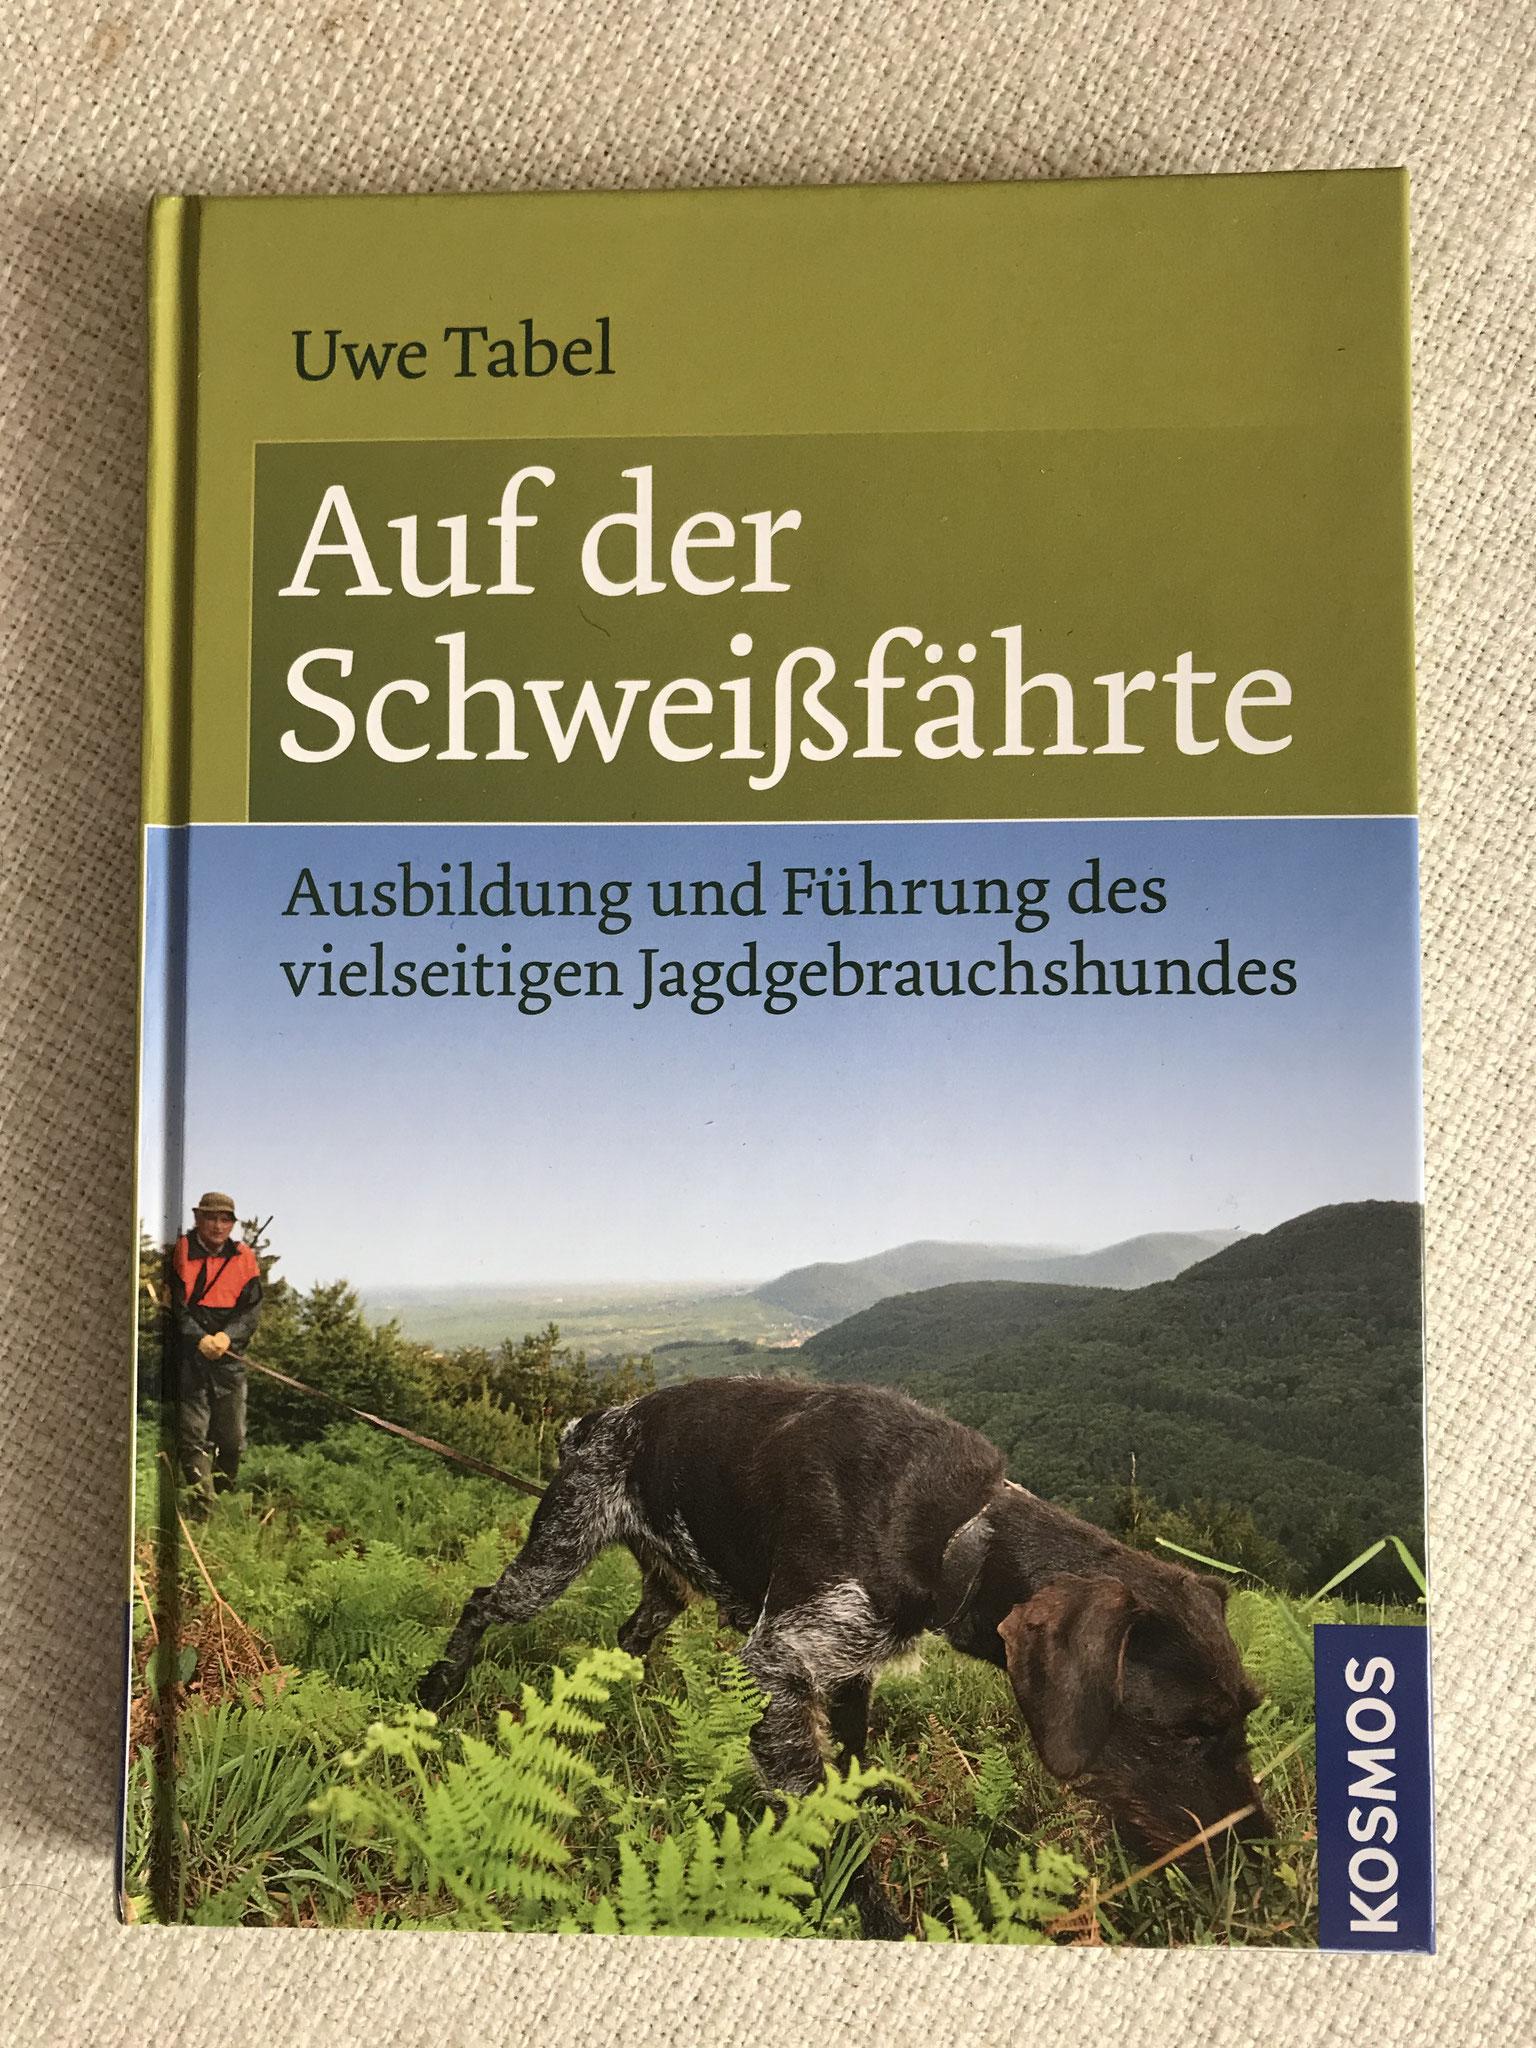 Buch von Uwe Tabel handsigniert